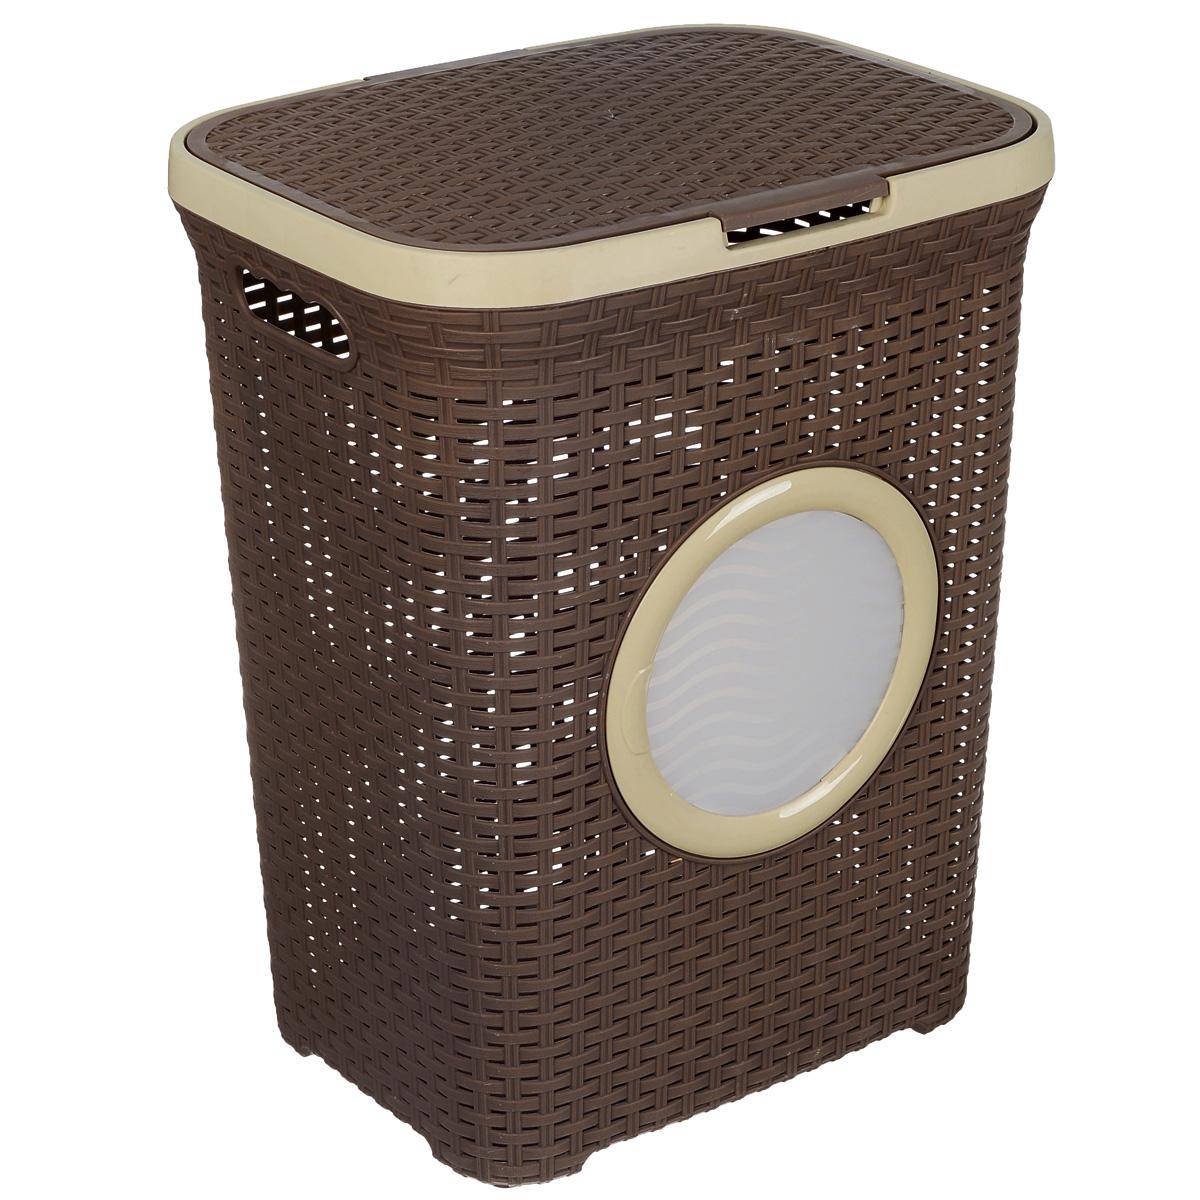 Корзина для белья Violet, с крышкой, цвет: бежевый, темно-коричневый, 60 л1861/1Вместительная корзина для белья Violet изготовлена из прочного цветного пластика и декорирована отверстием в виде иллюминатора. Она отлично подойдет для хранения белья перед стиркой. Специальные отверстия на стенках создают идеальные условия для проветривания. Изделие оснащено крышкой и двумя эргономичными ручками для переноски. Такая корзина для белья прекрасно впишется в интерьер ванной комнаты.